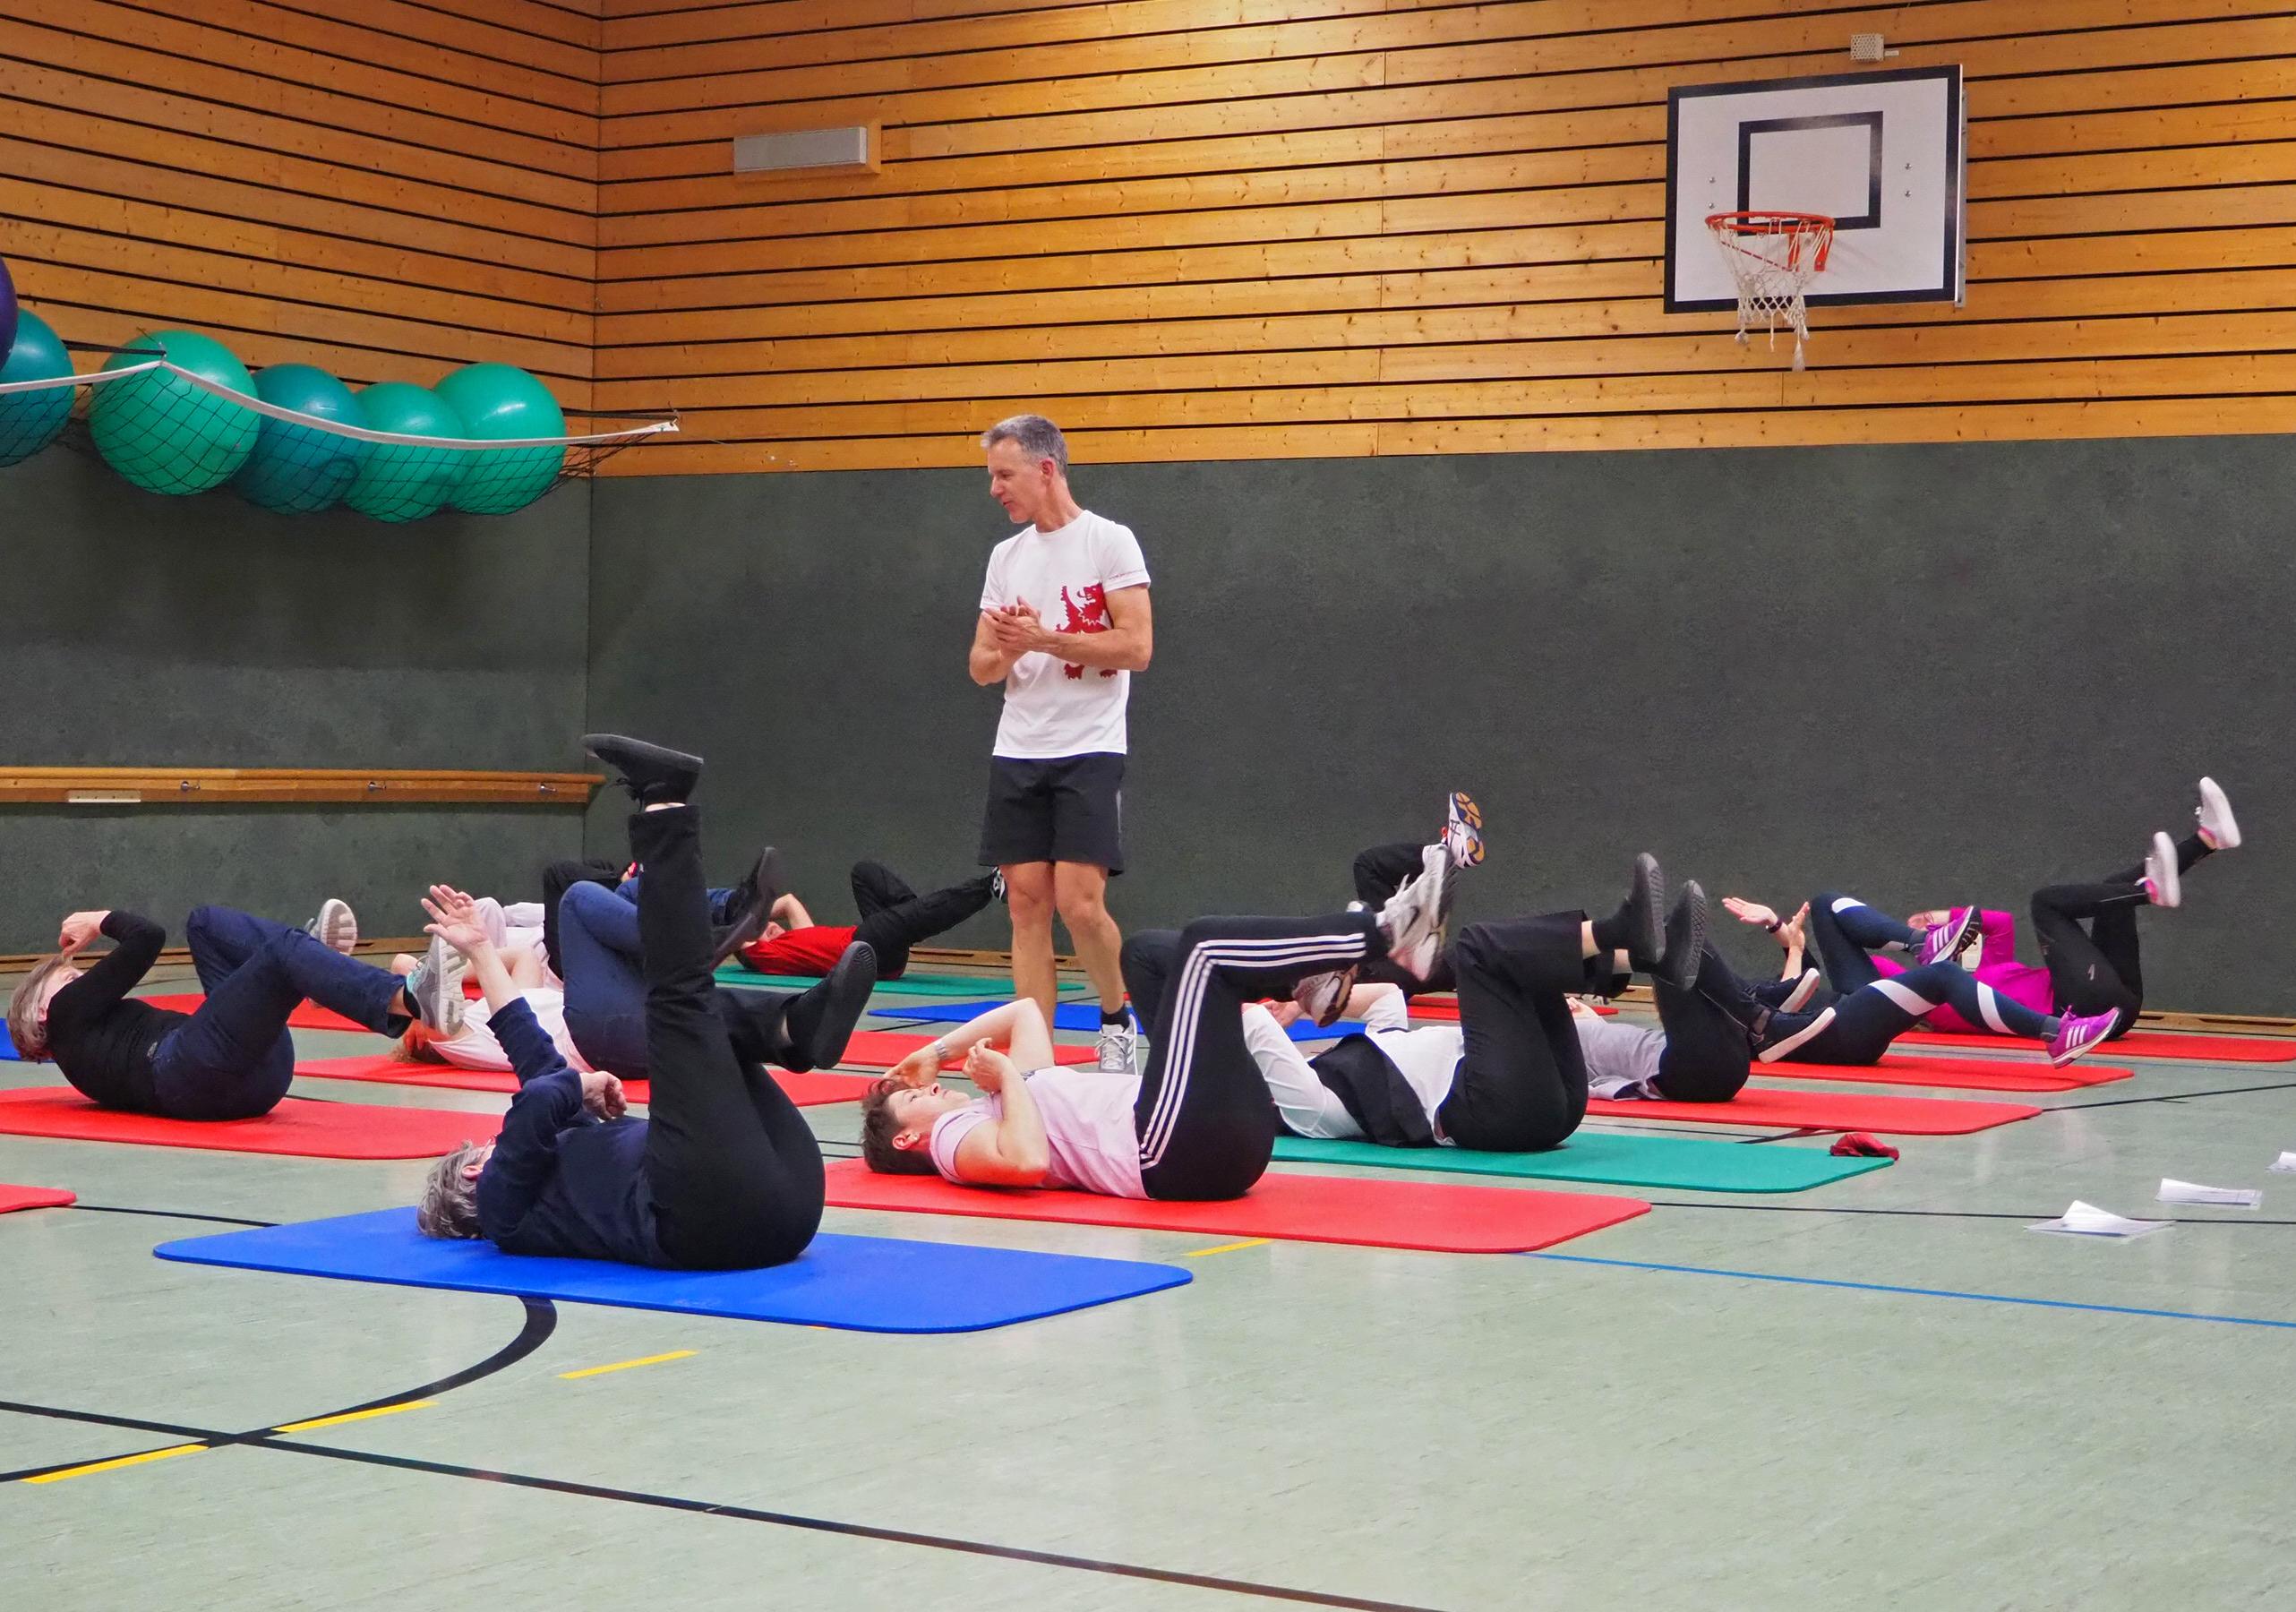 High-Intensity-Training (HIT) mit Dr. med. Stephan Biesenbach, Ärztlicher Leiter Geschäftsbereich Prävention und Gesundheitsförderung beim PASSAUER WOLF. Foto: PASSAUER WOLF/Jenny Reinbold